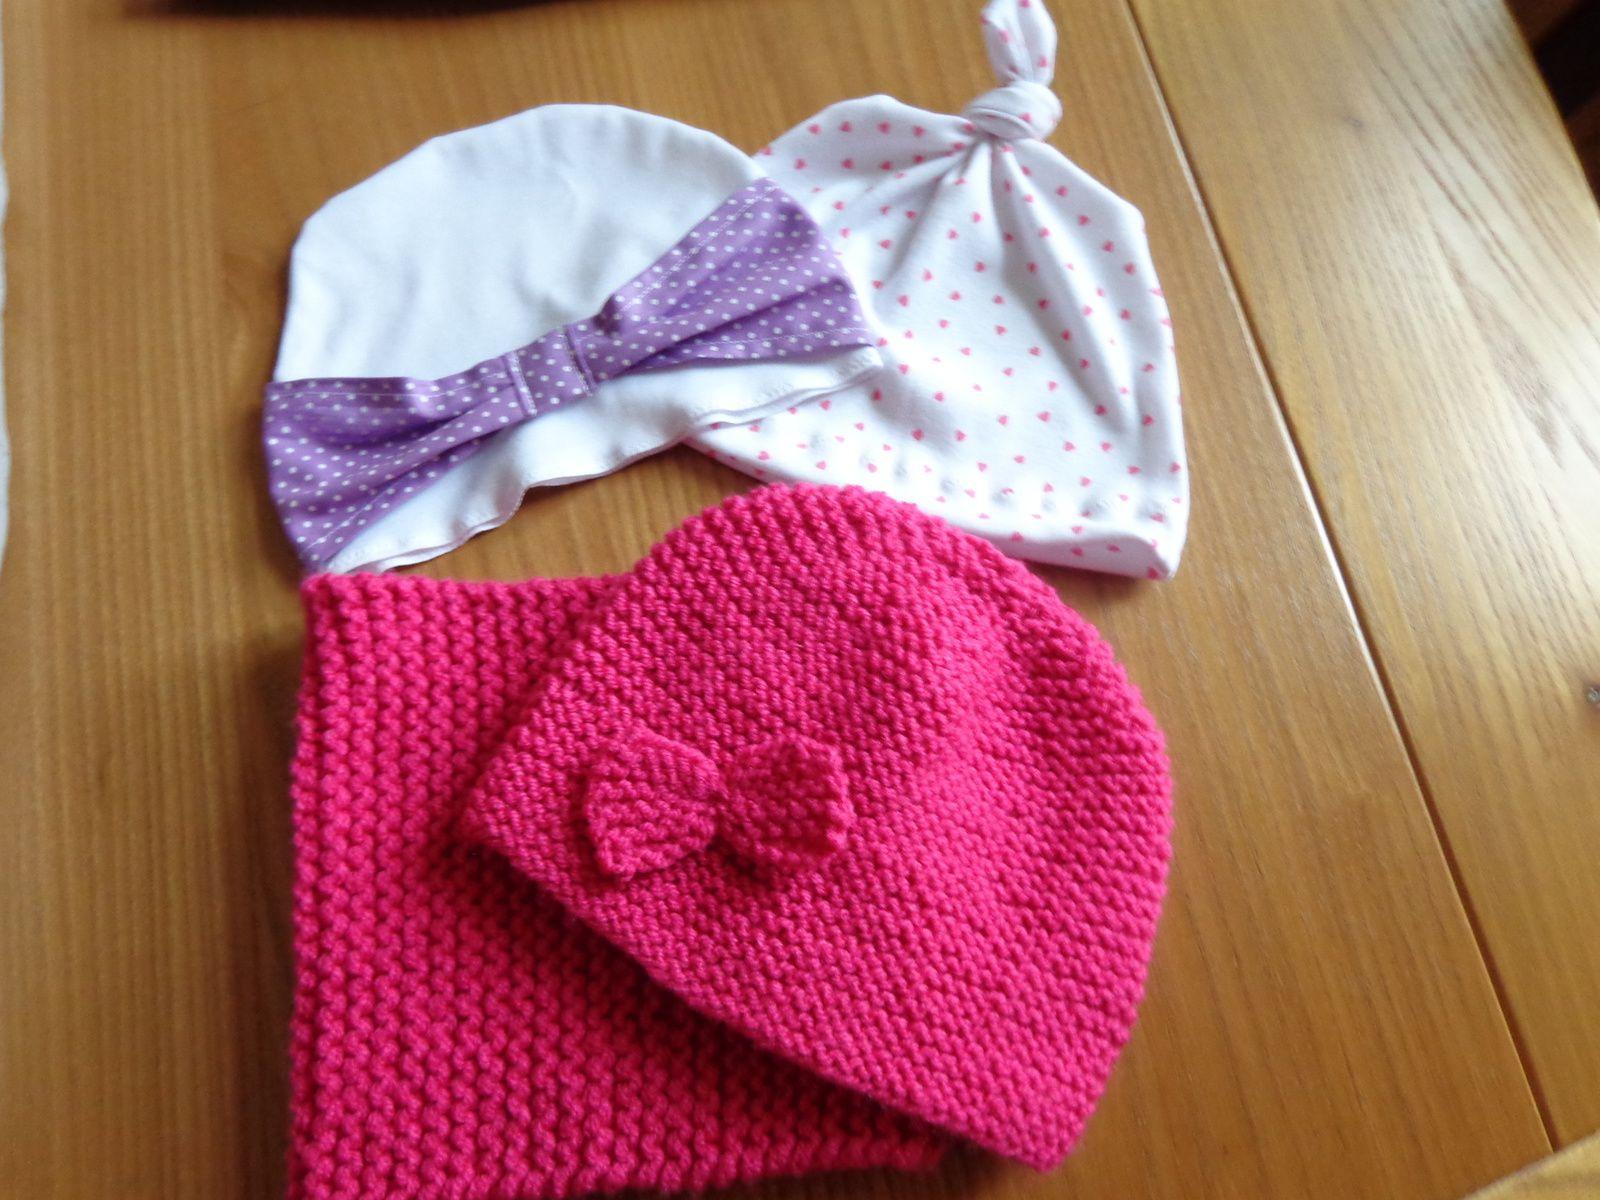 Le petit sac pour ranger les bonnets